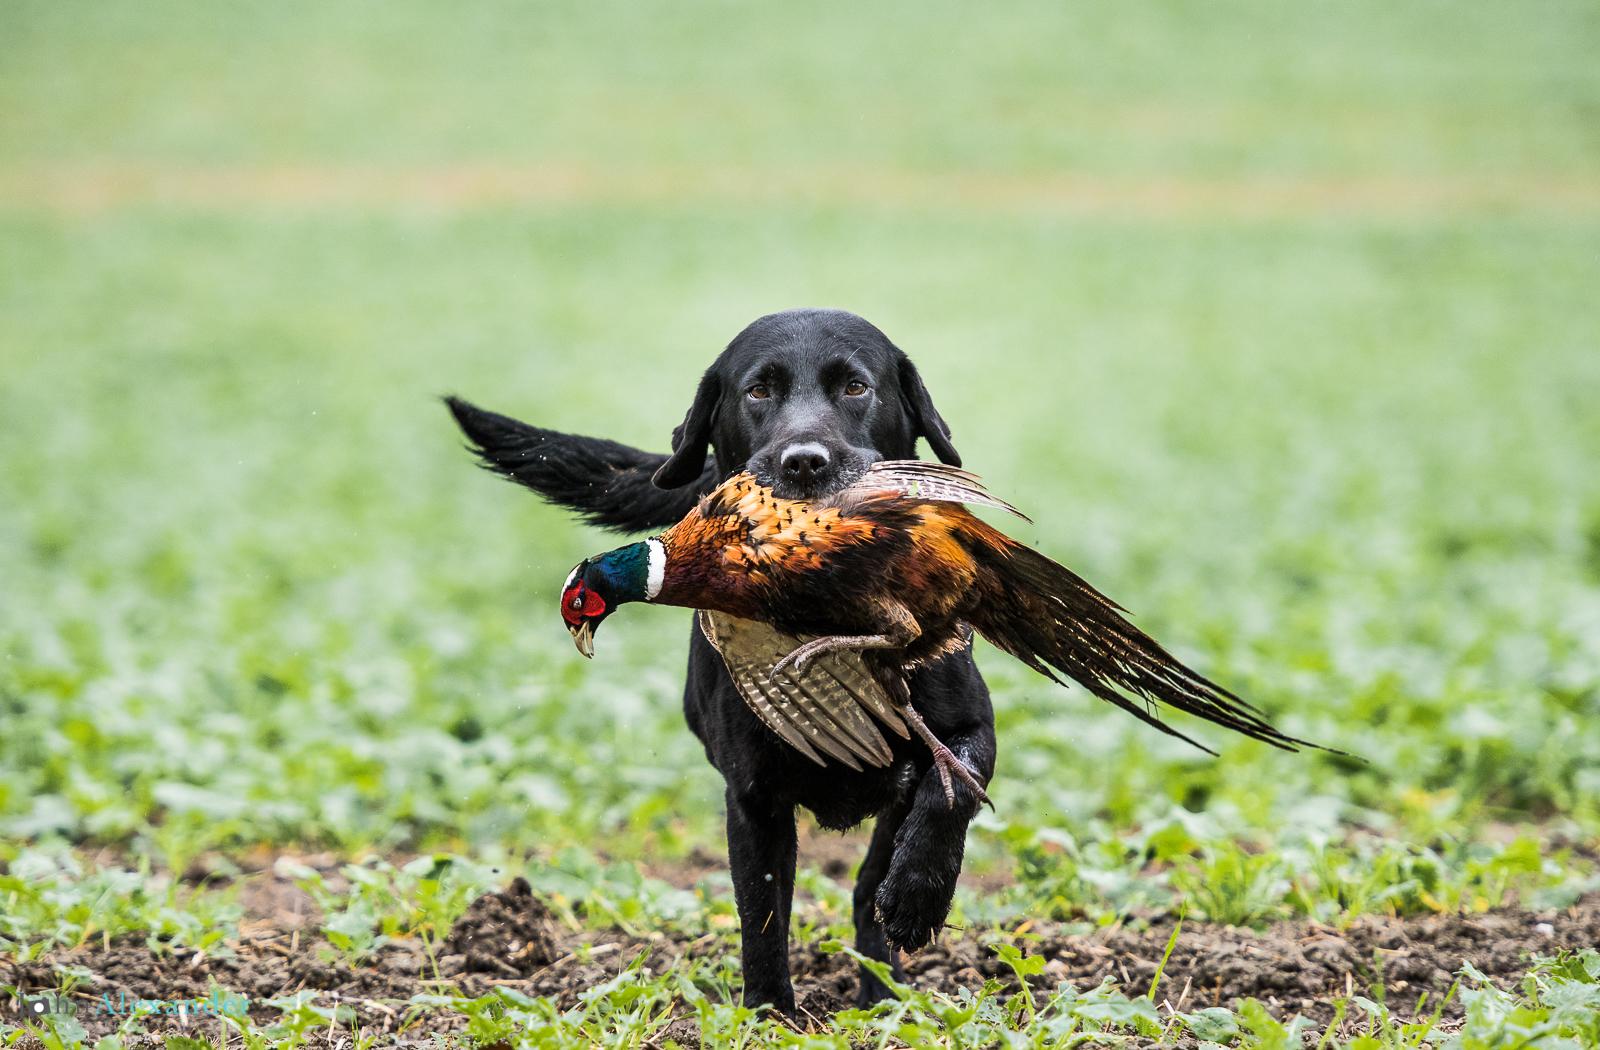 black labrador gun dog retrieving cock pheasant